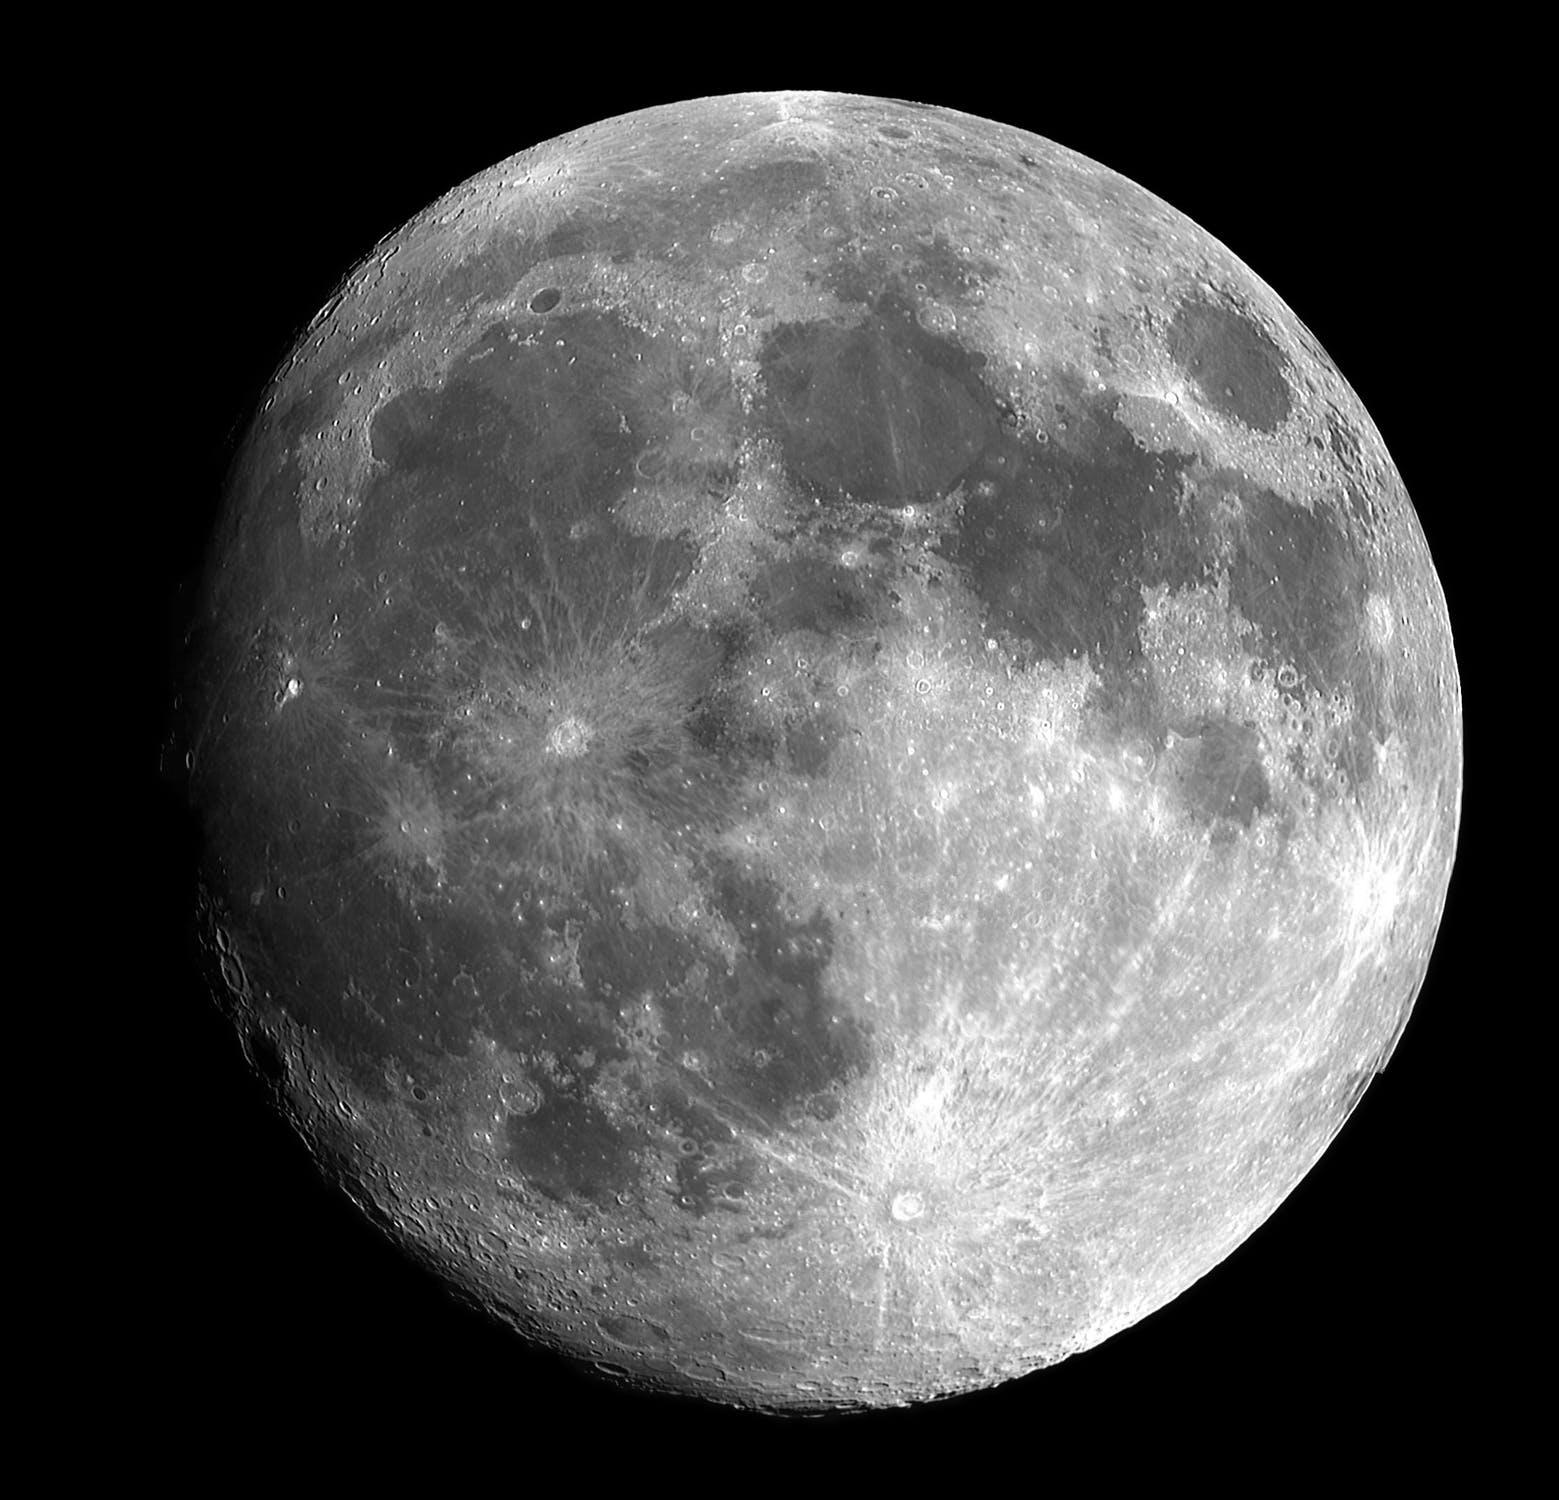 full-moon-moon-bright-sky-47367